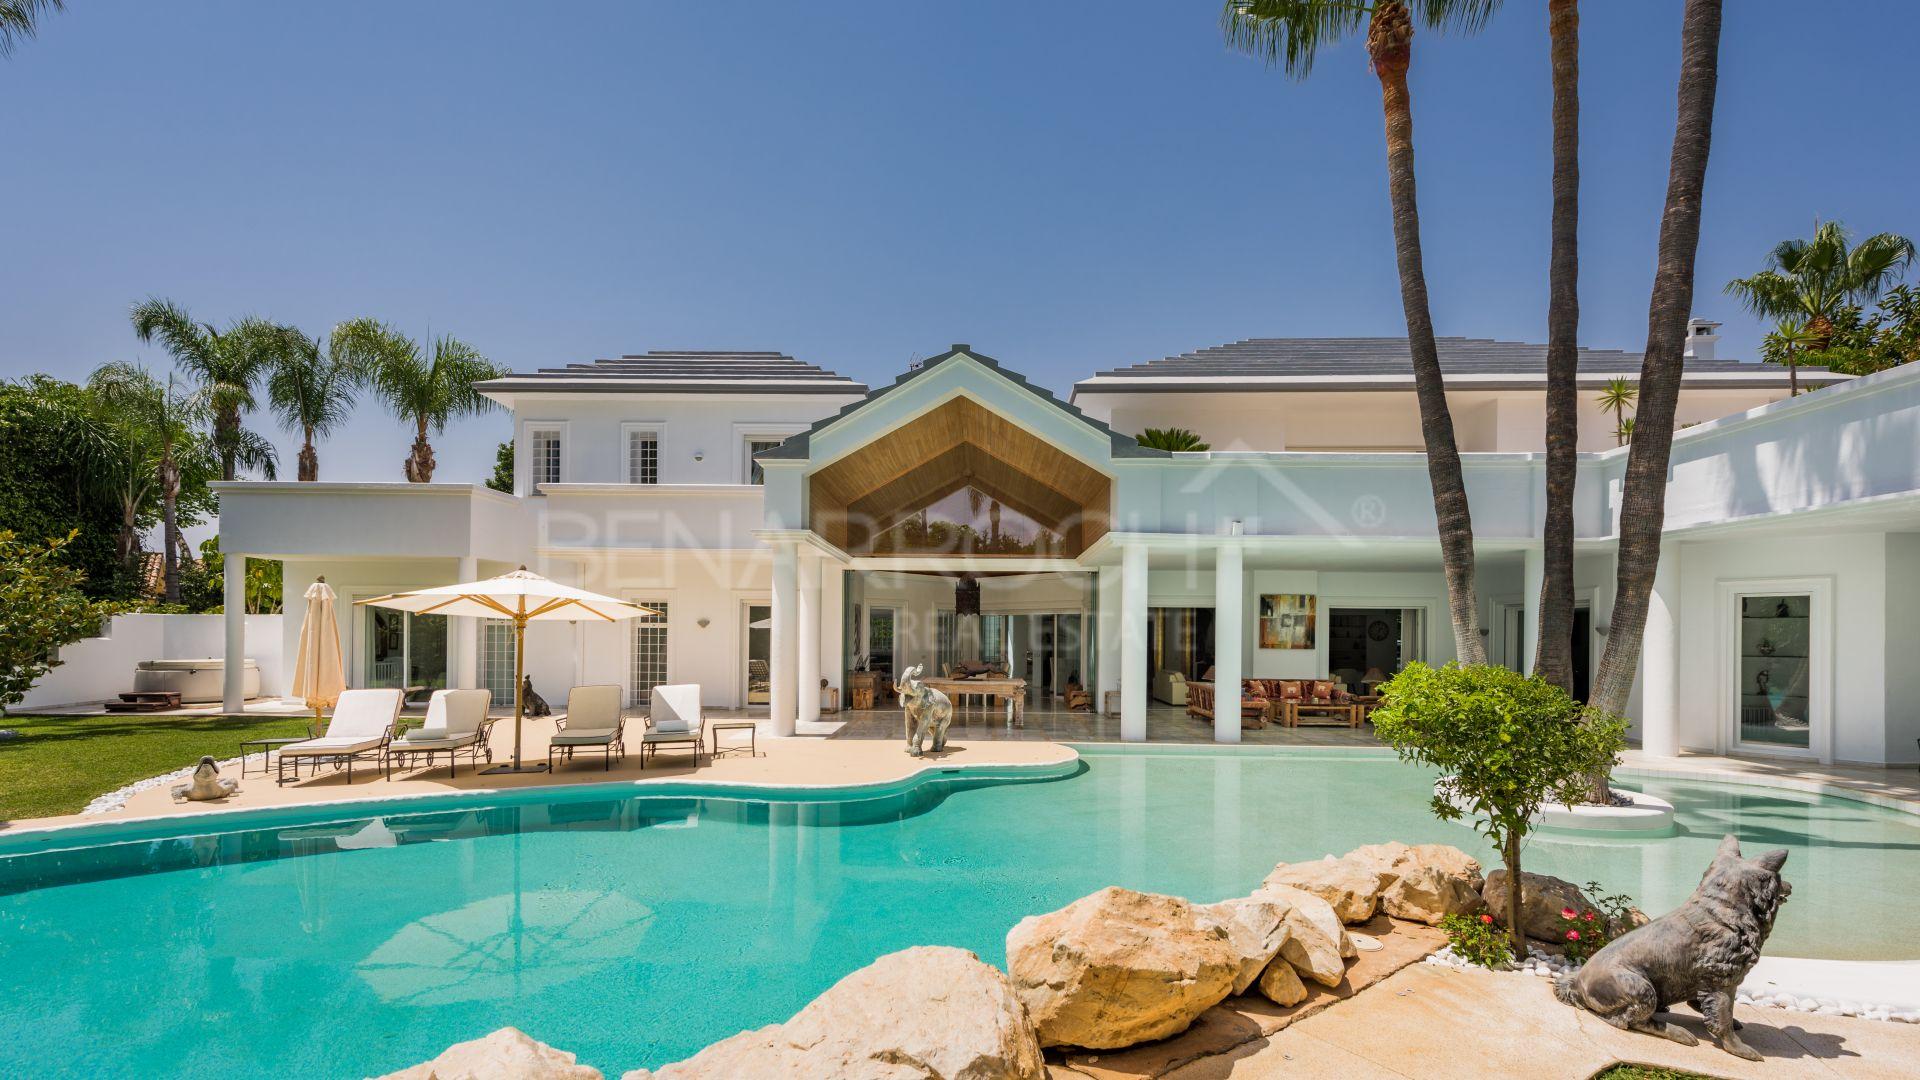 Agencia inmobiliaria en marbella propiedades en venta en for Agencia inmobiliaria